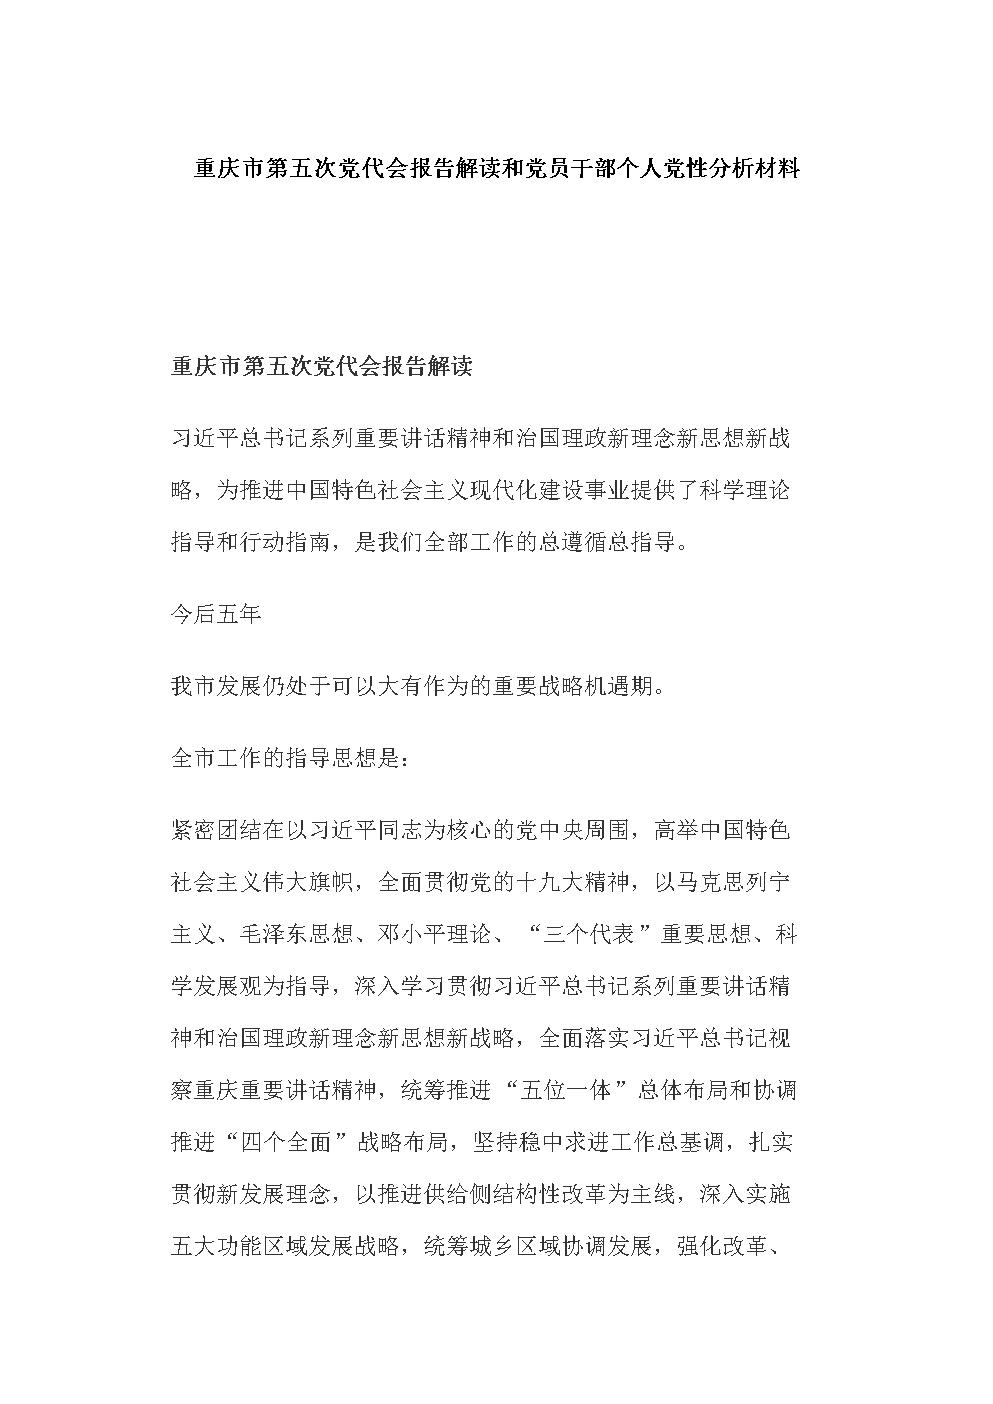 重庆市第五次党代会报告解读和党员干部个人党性分析材料.docx